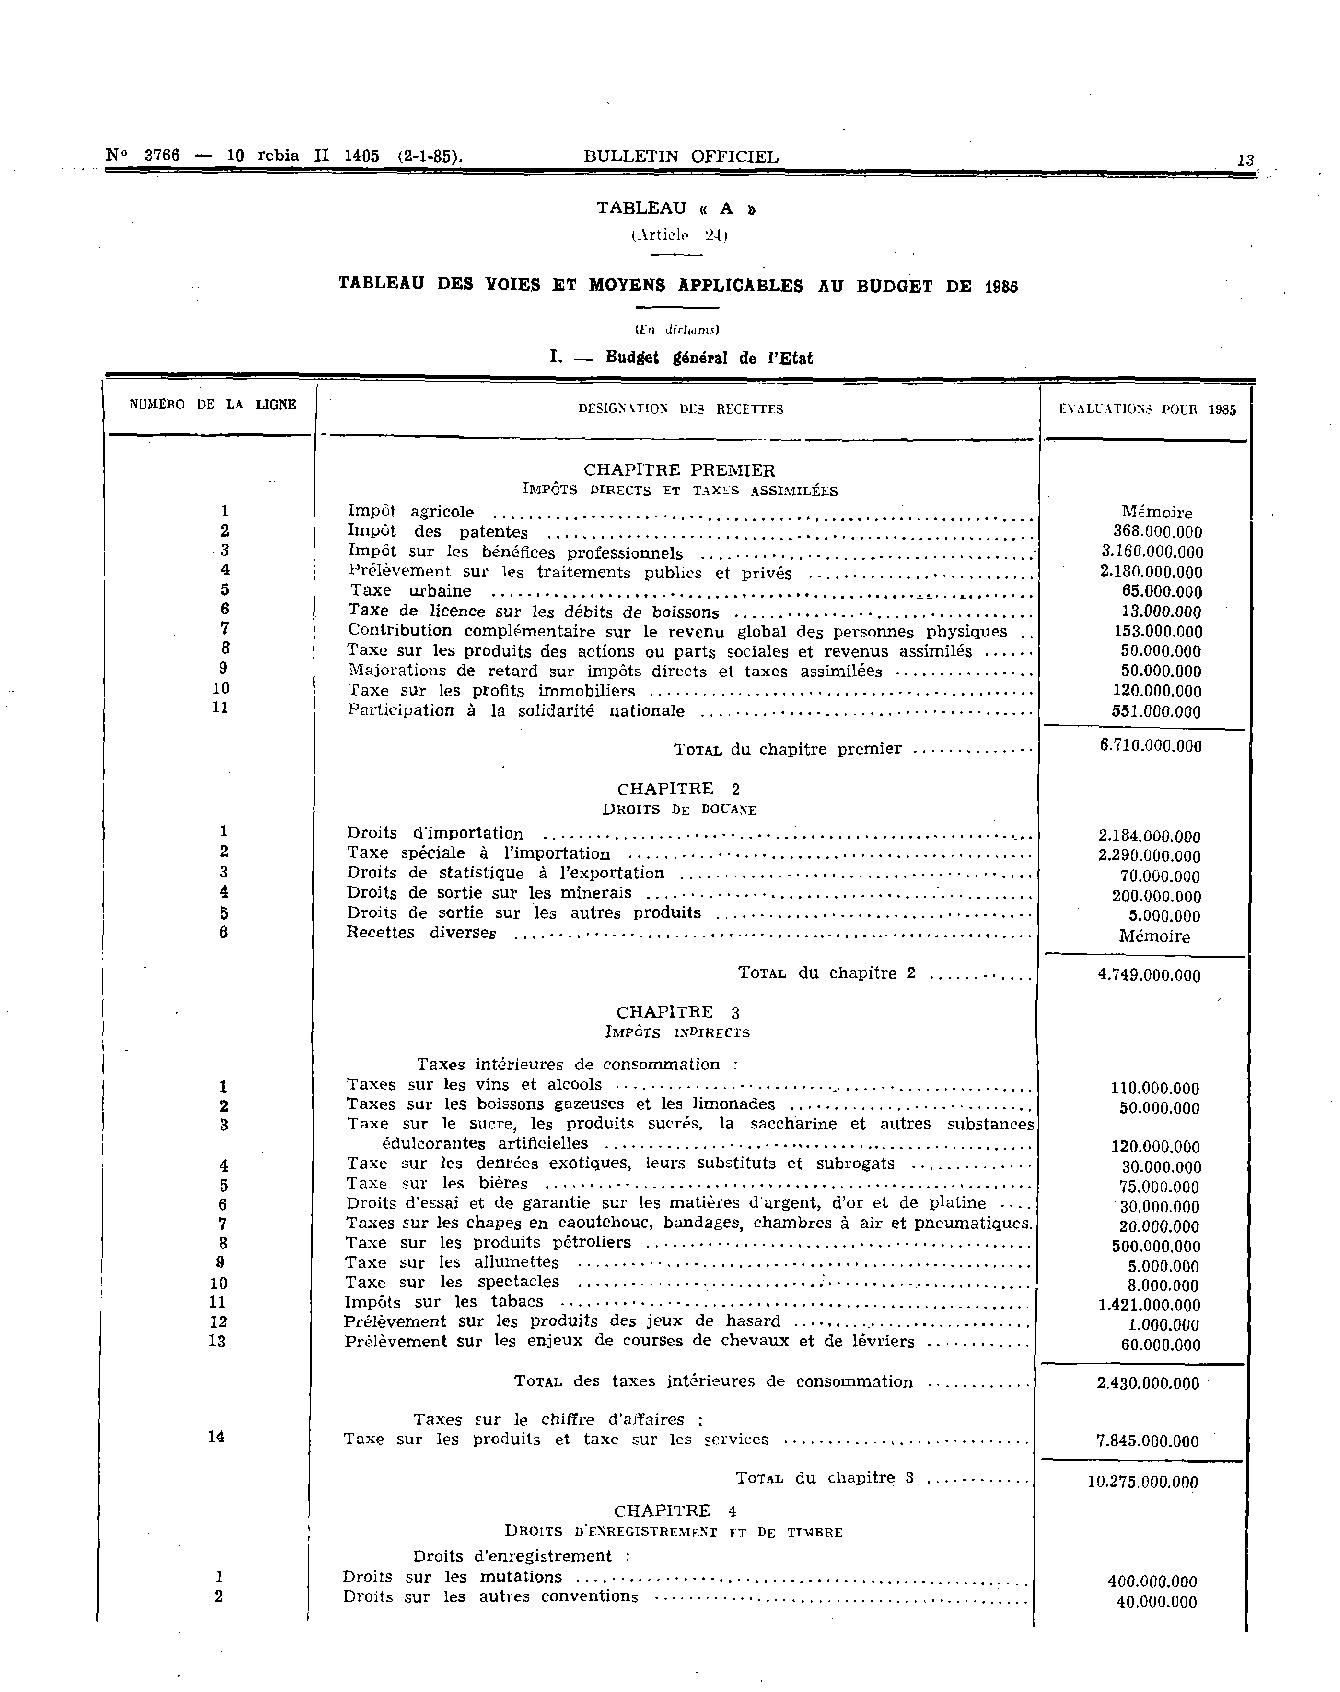 les-prix-maxima-des-acte-et-service-medicaux-dans-le-secteur-prive-013